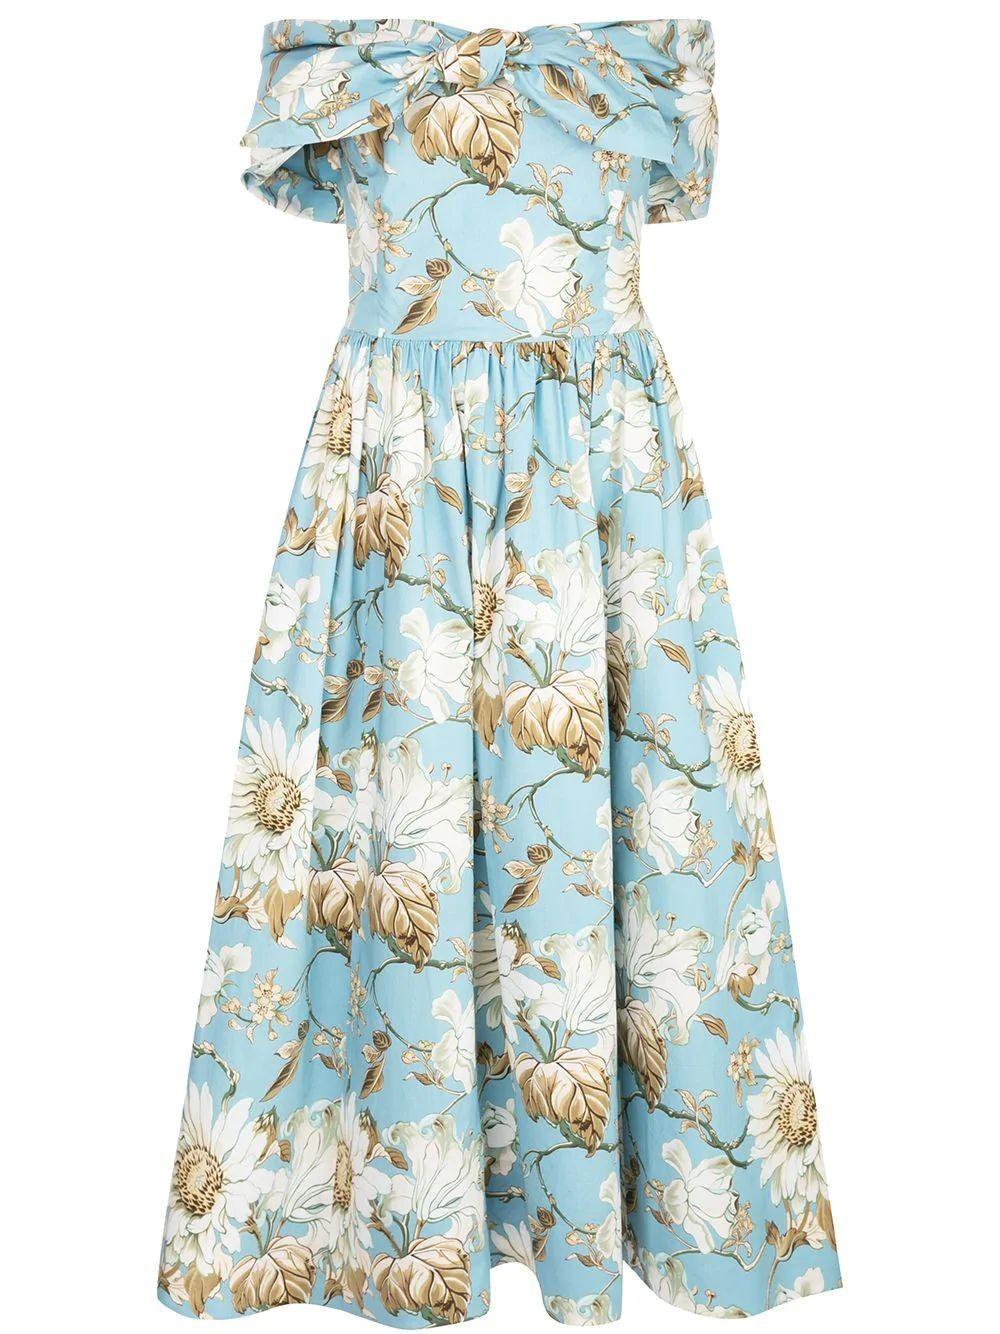 Off The Shoulder Floral Dress Item # 20PN249IDP